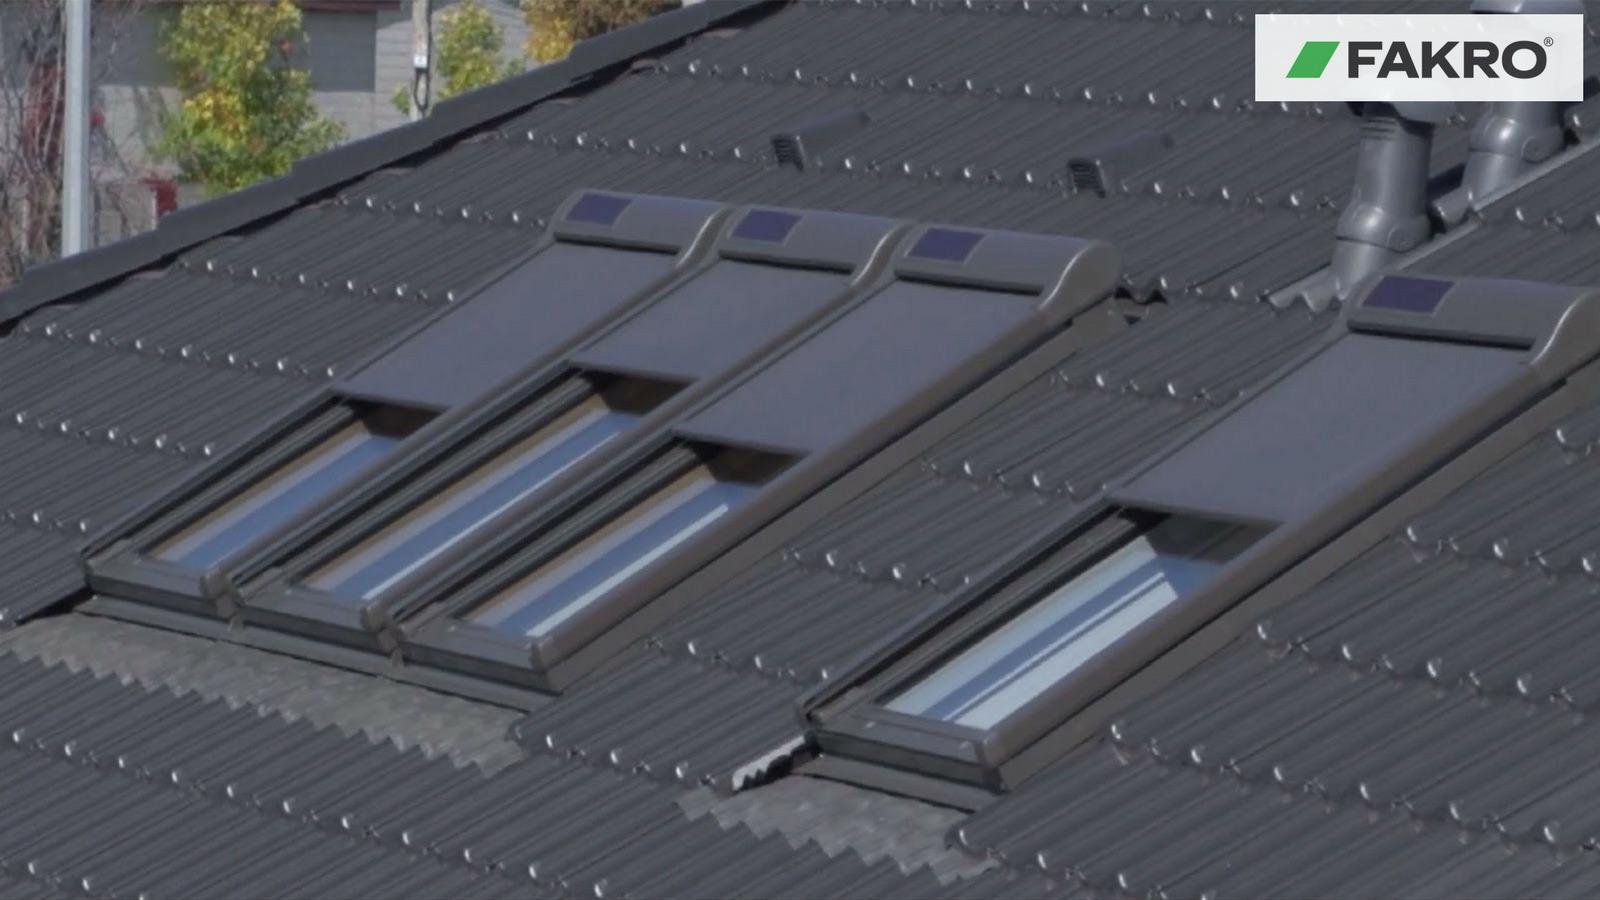 FAKRO Rulou Exterior parasolar AMZ Solar